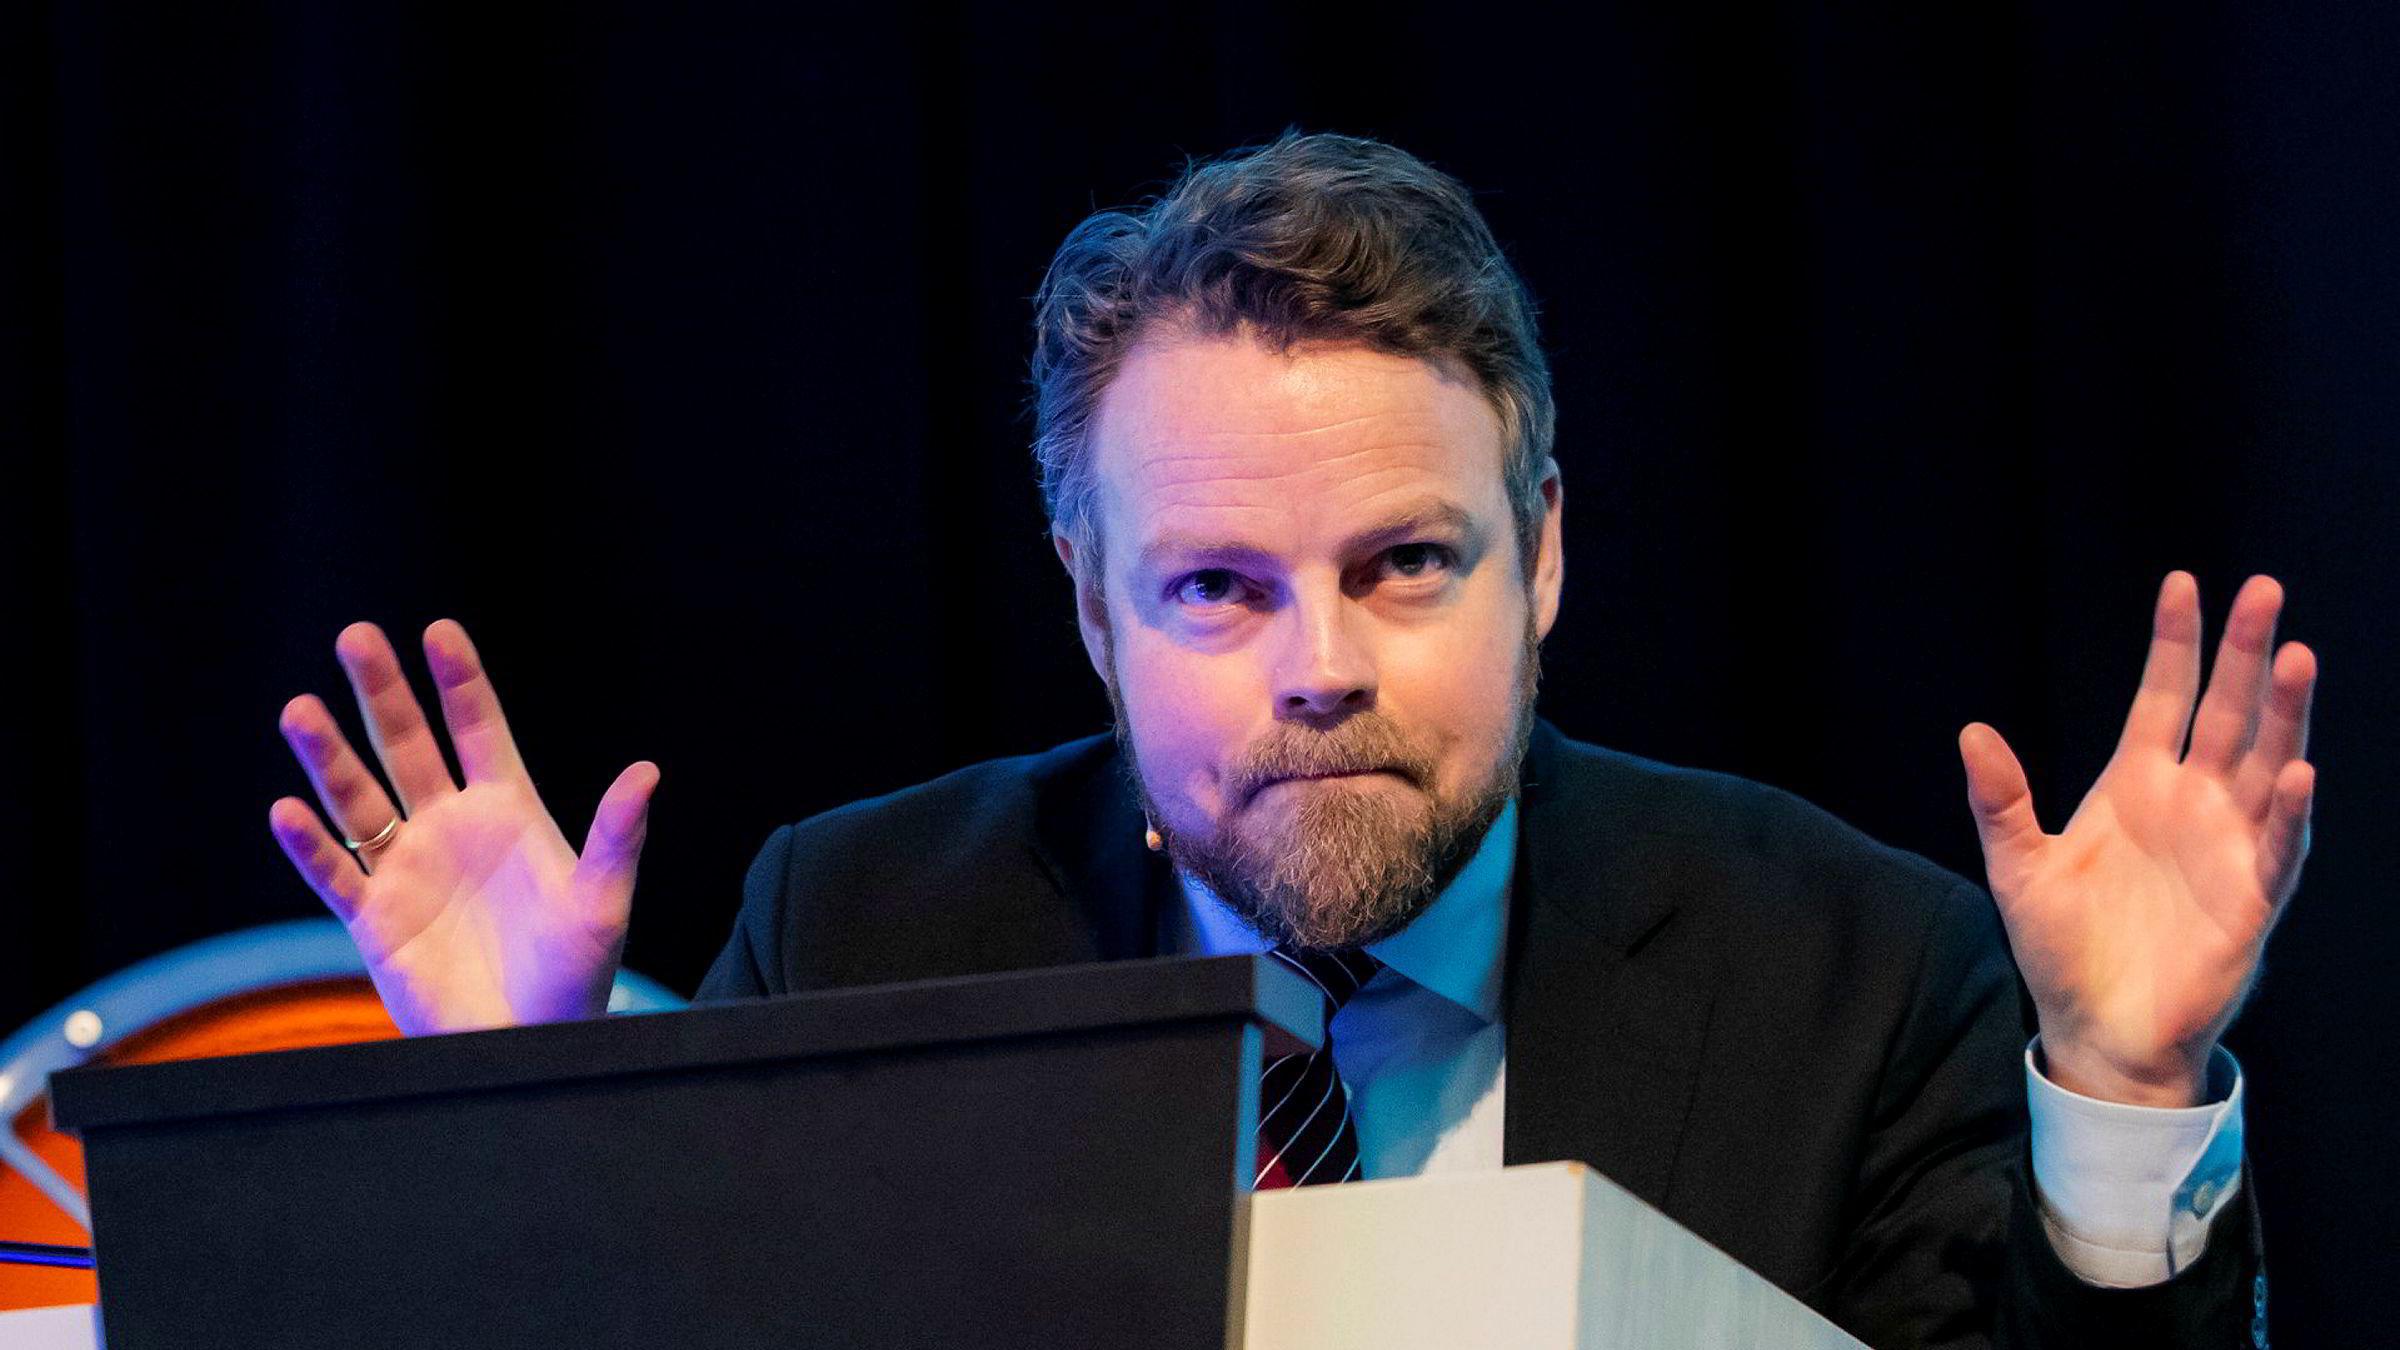 Arbeids- og sosialminister Torbjørn Røe Isaksen og andre politikere får råd om å la ledere og medarbeidere selv sette mål for arbeidet.